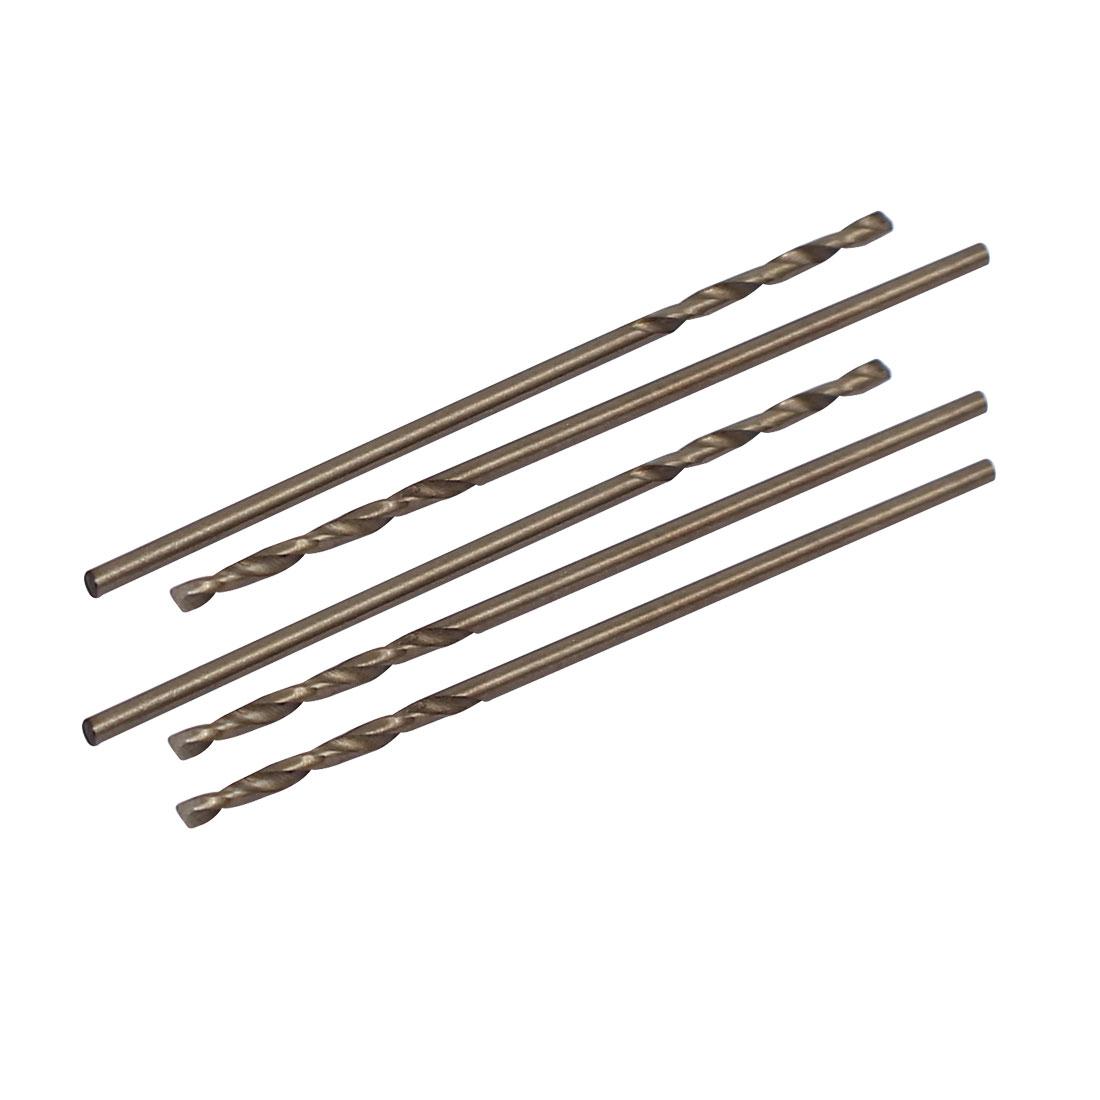 1mm Dia Split Point HSS Cobalt Metric Twist Drill Bit Drilling Tool 5pcs